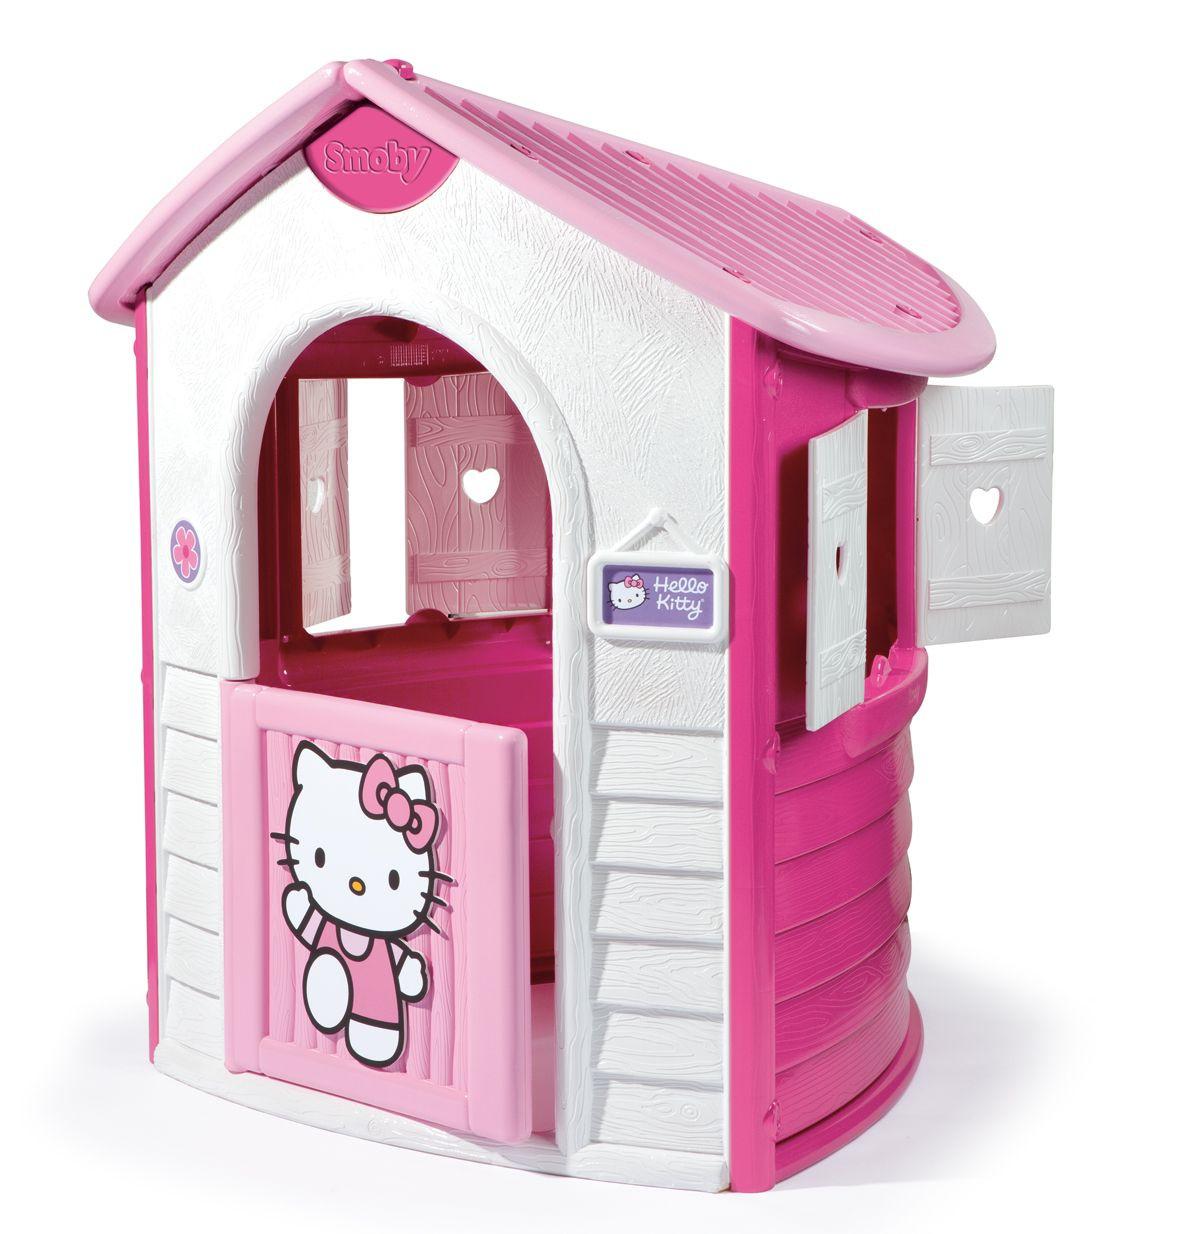 Cabane De Jardin Hello Kitty Smoby : Avis Et Comparateur De Prix à Maison Jardin Smoby